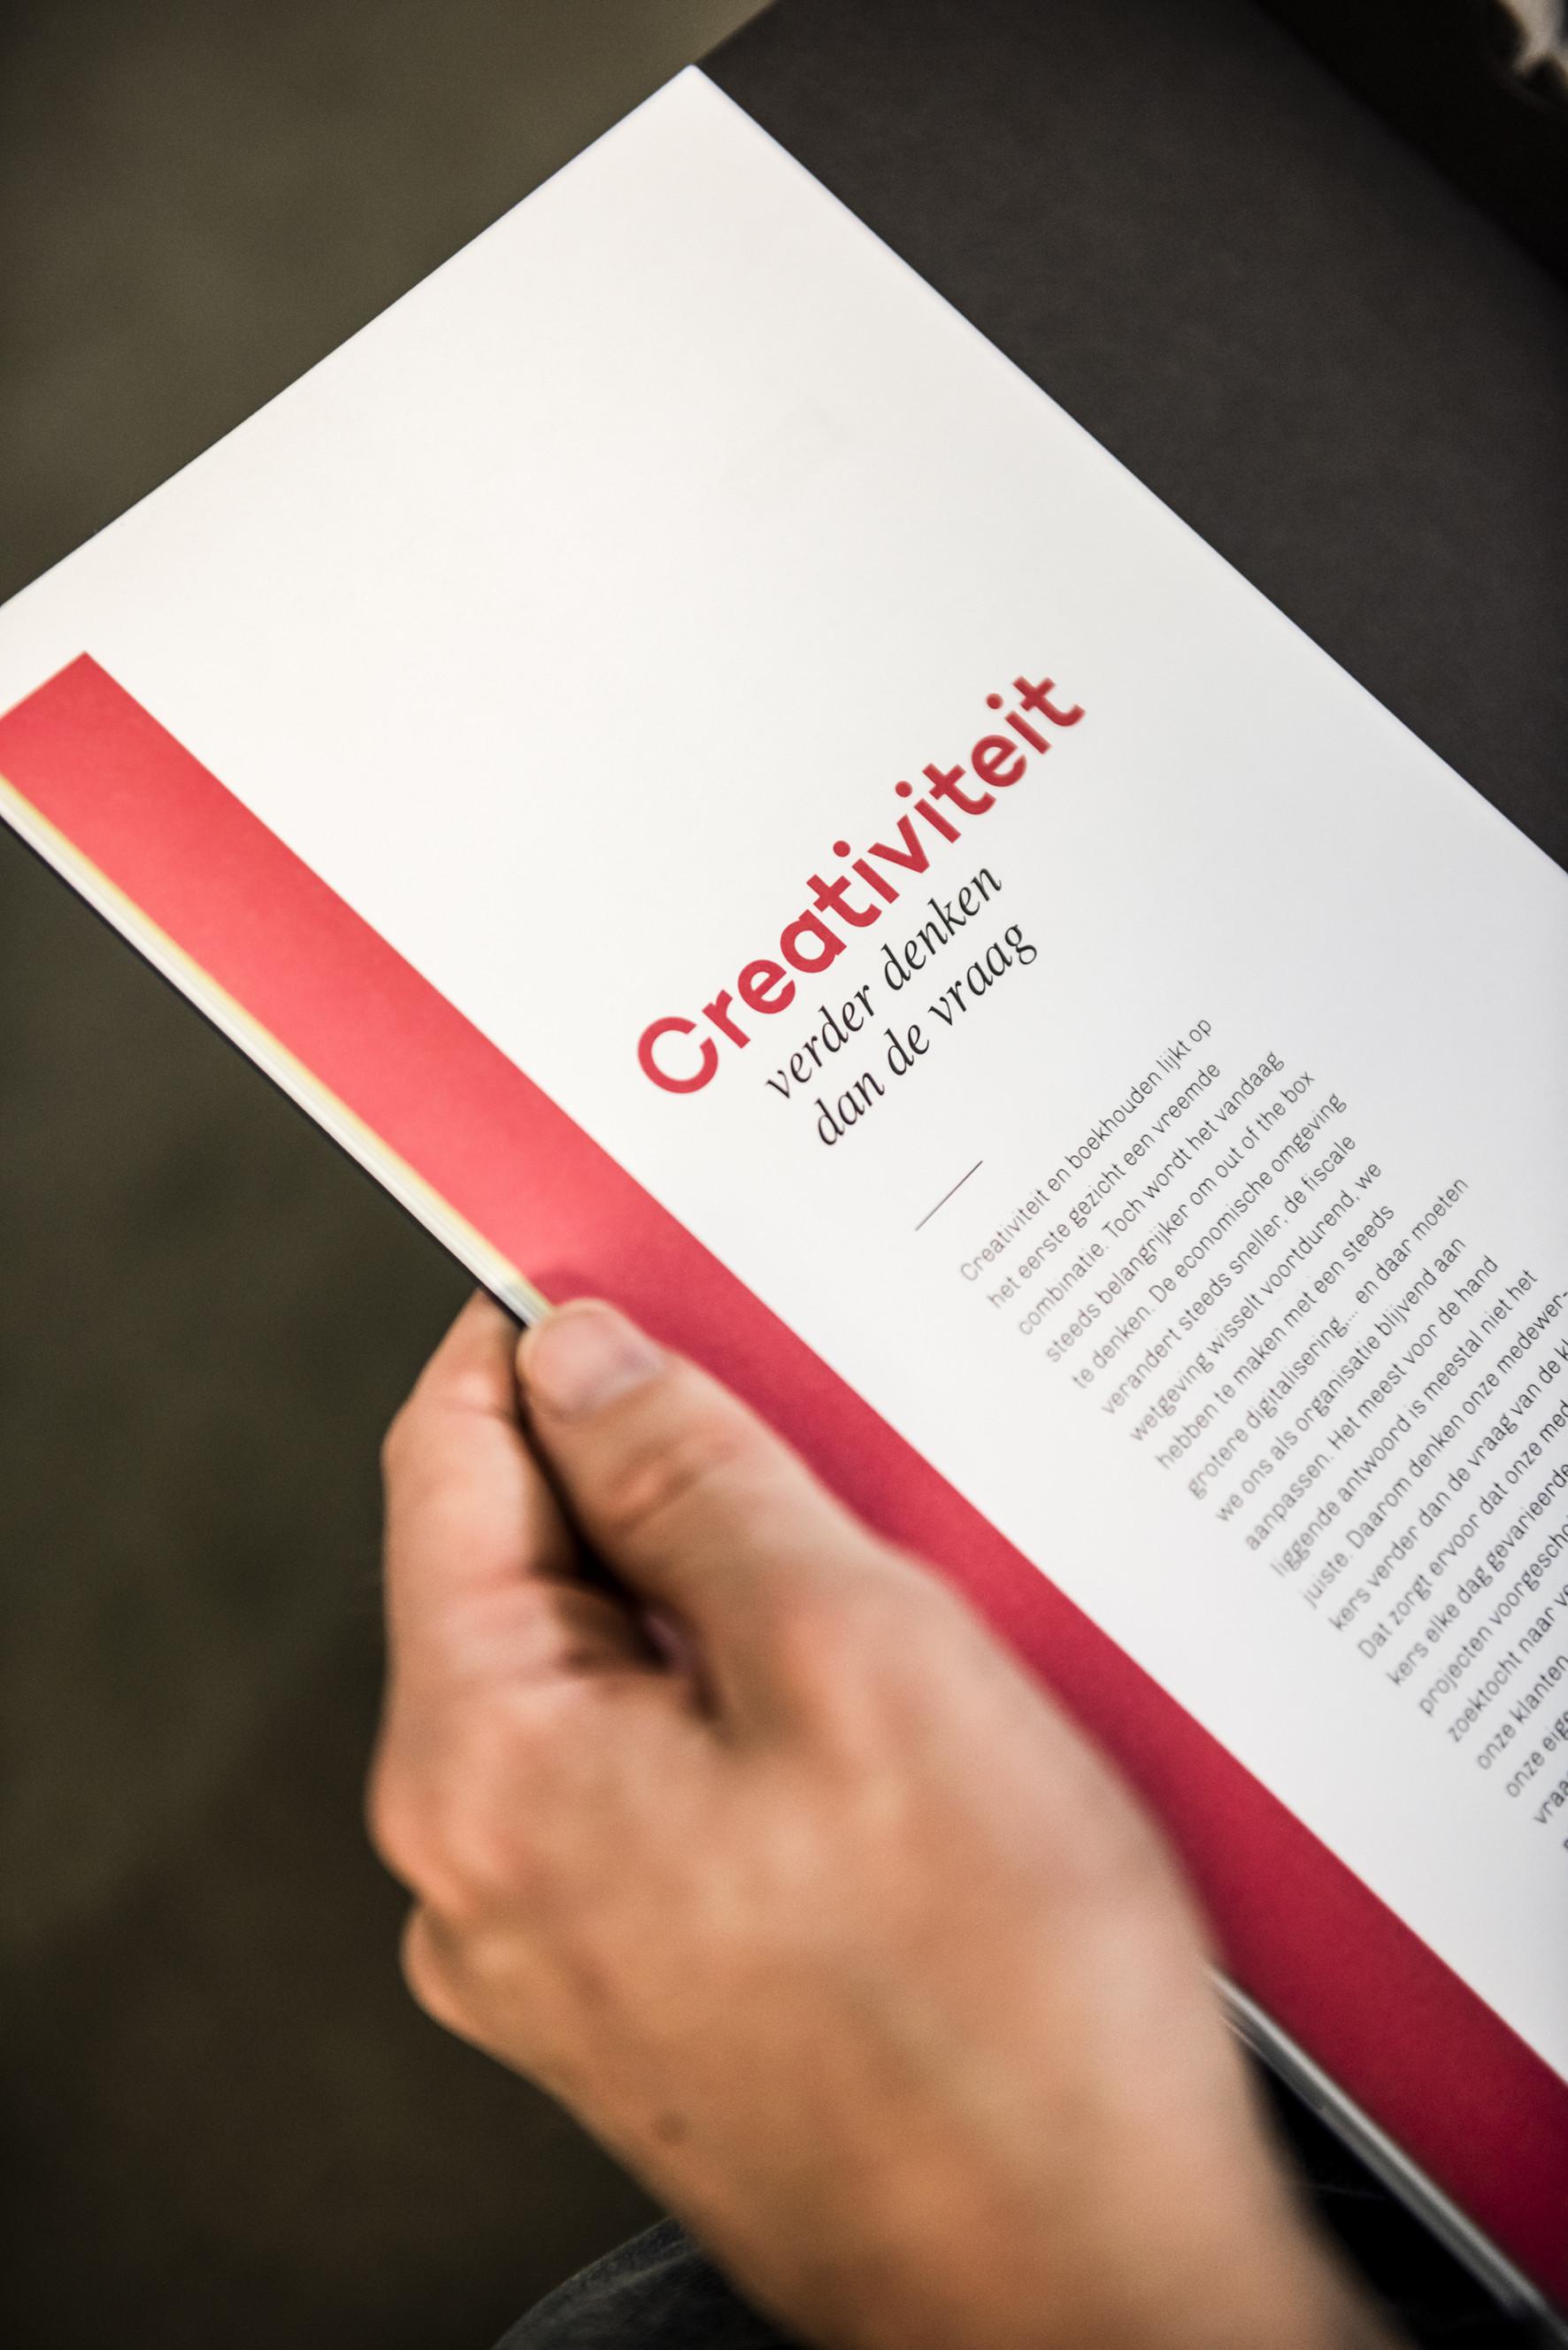 In dit magazine worden de waarden van het bedrijf op een aantrekkelijke manier belicht